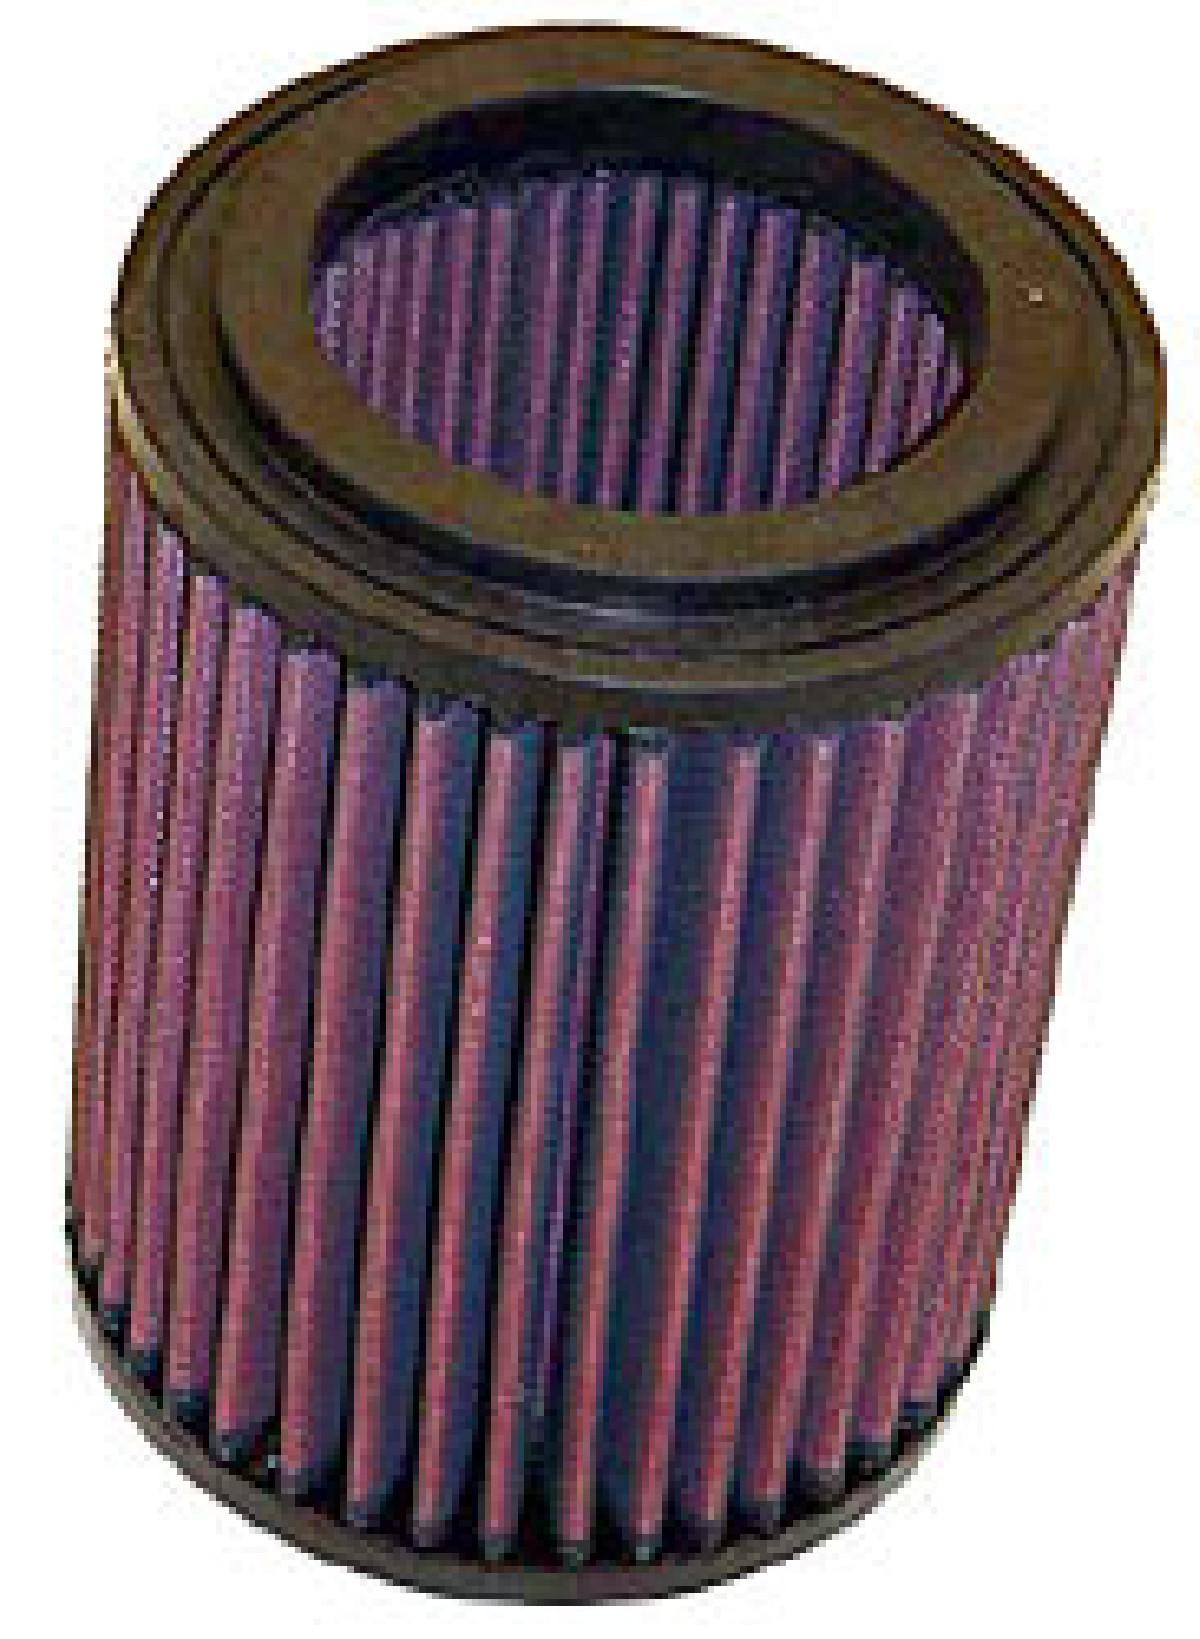 K & N Tauschluftfilter für Honda Civic VI 3+5 Türer 2.0i Type-R